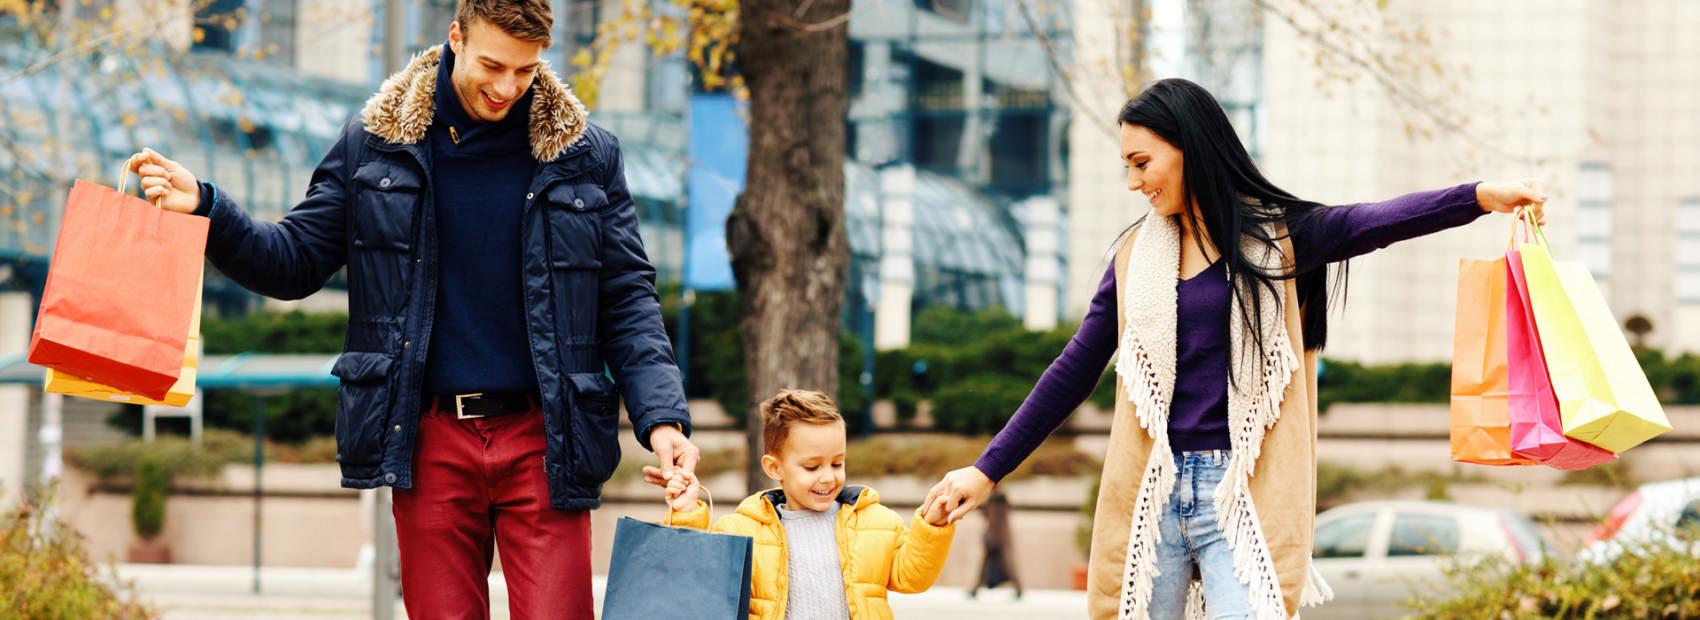 Glückliche Familie beim Shopping in der Mall